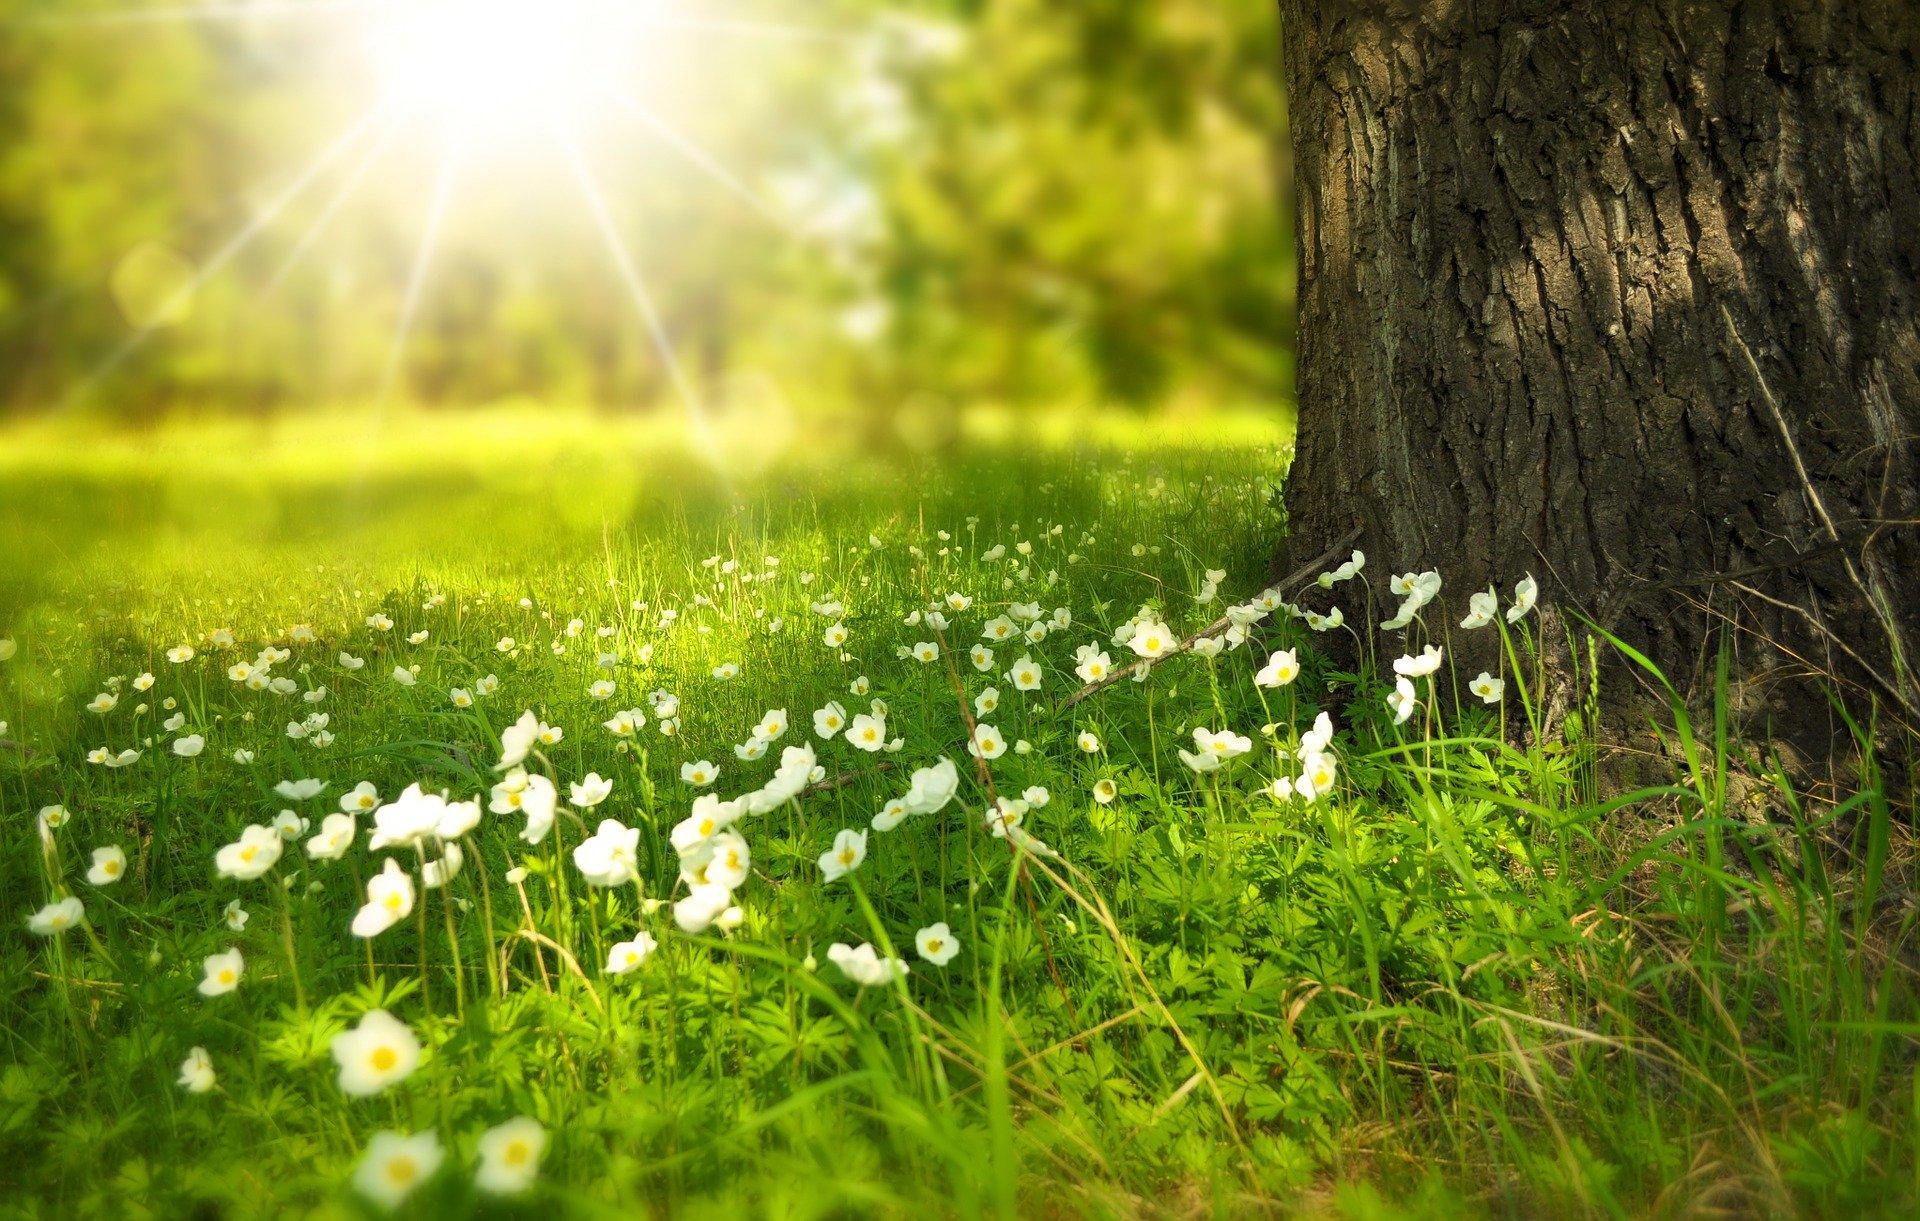 printemps-bois-shiatsu-nancy